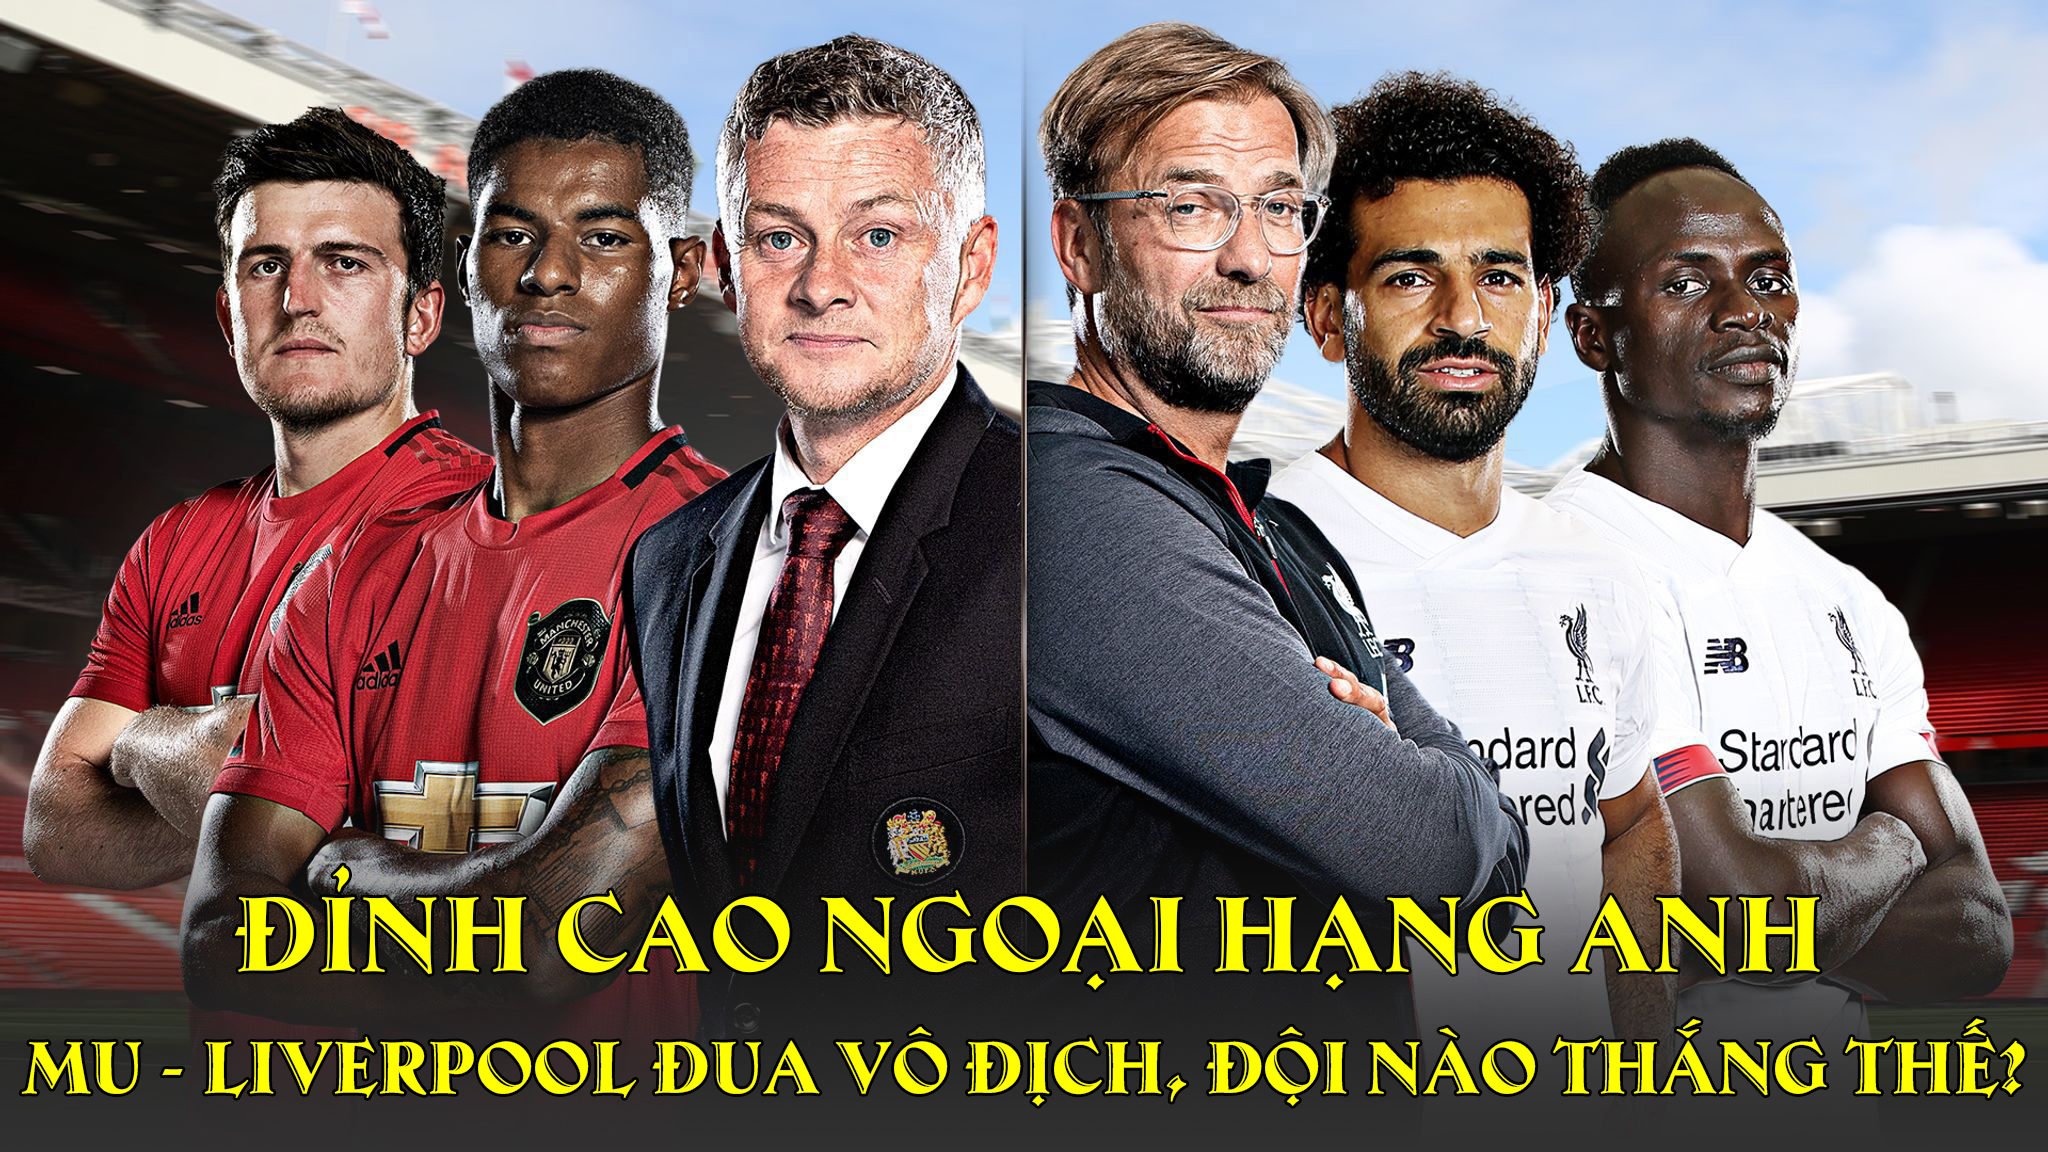 Đỉnh cao Ngoại Hạng Anh: MU - Liverpool đua vô địch, đội nào thắng thế? - 1